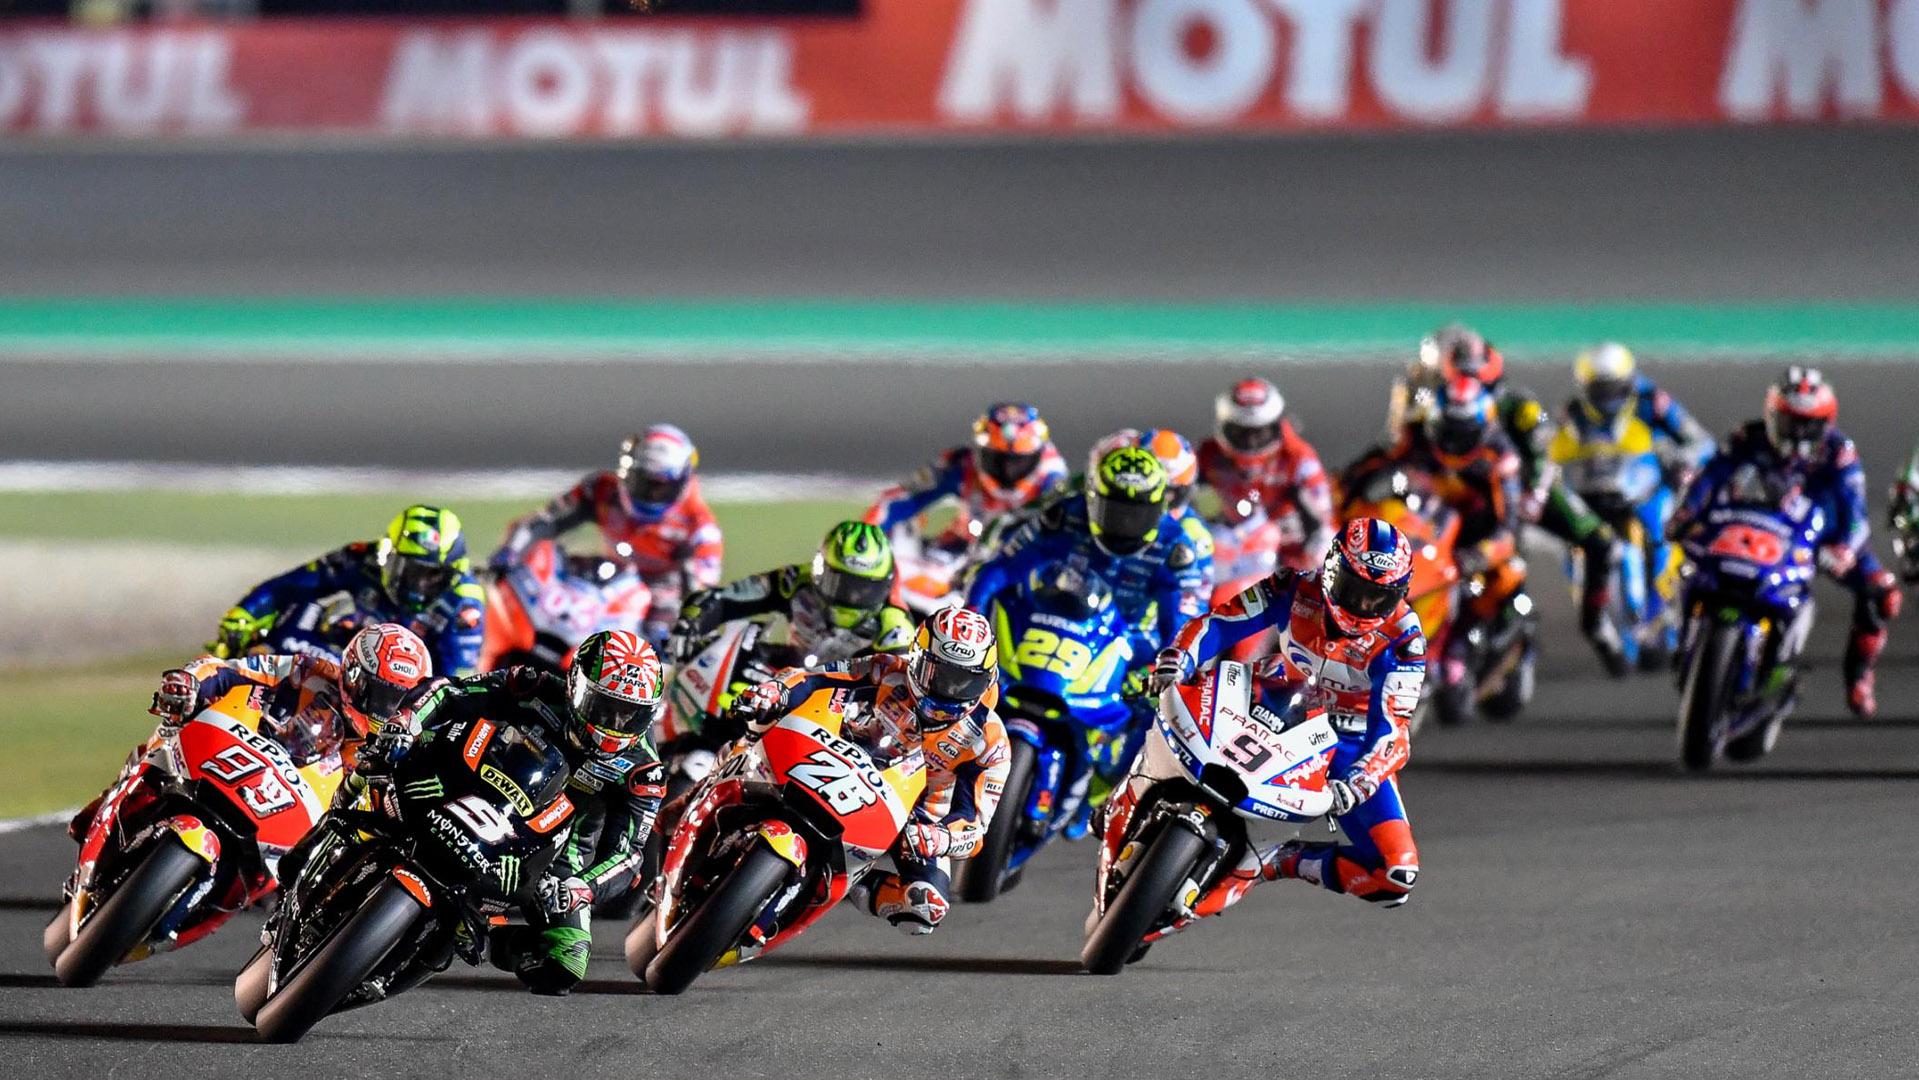 MotoGP sử lịch thi đấu mùa giải 2020 do ảnh hưởng của Covit-19